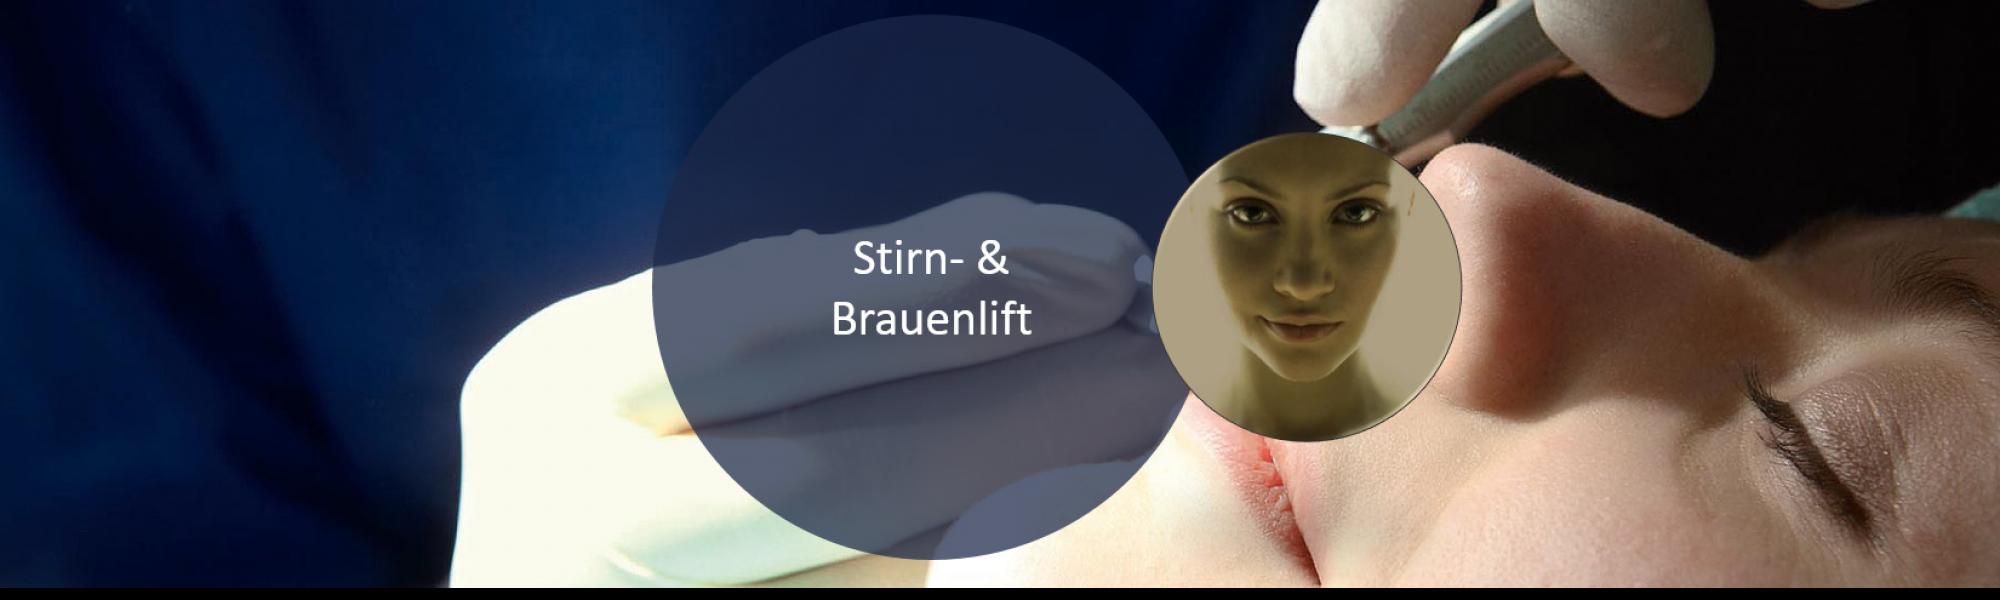 Ästhetische Gesichtschirurgie Stirn- & Brauenlift bei Groisman Laube